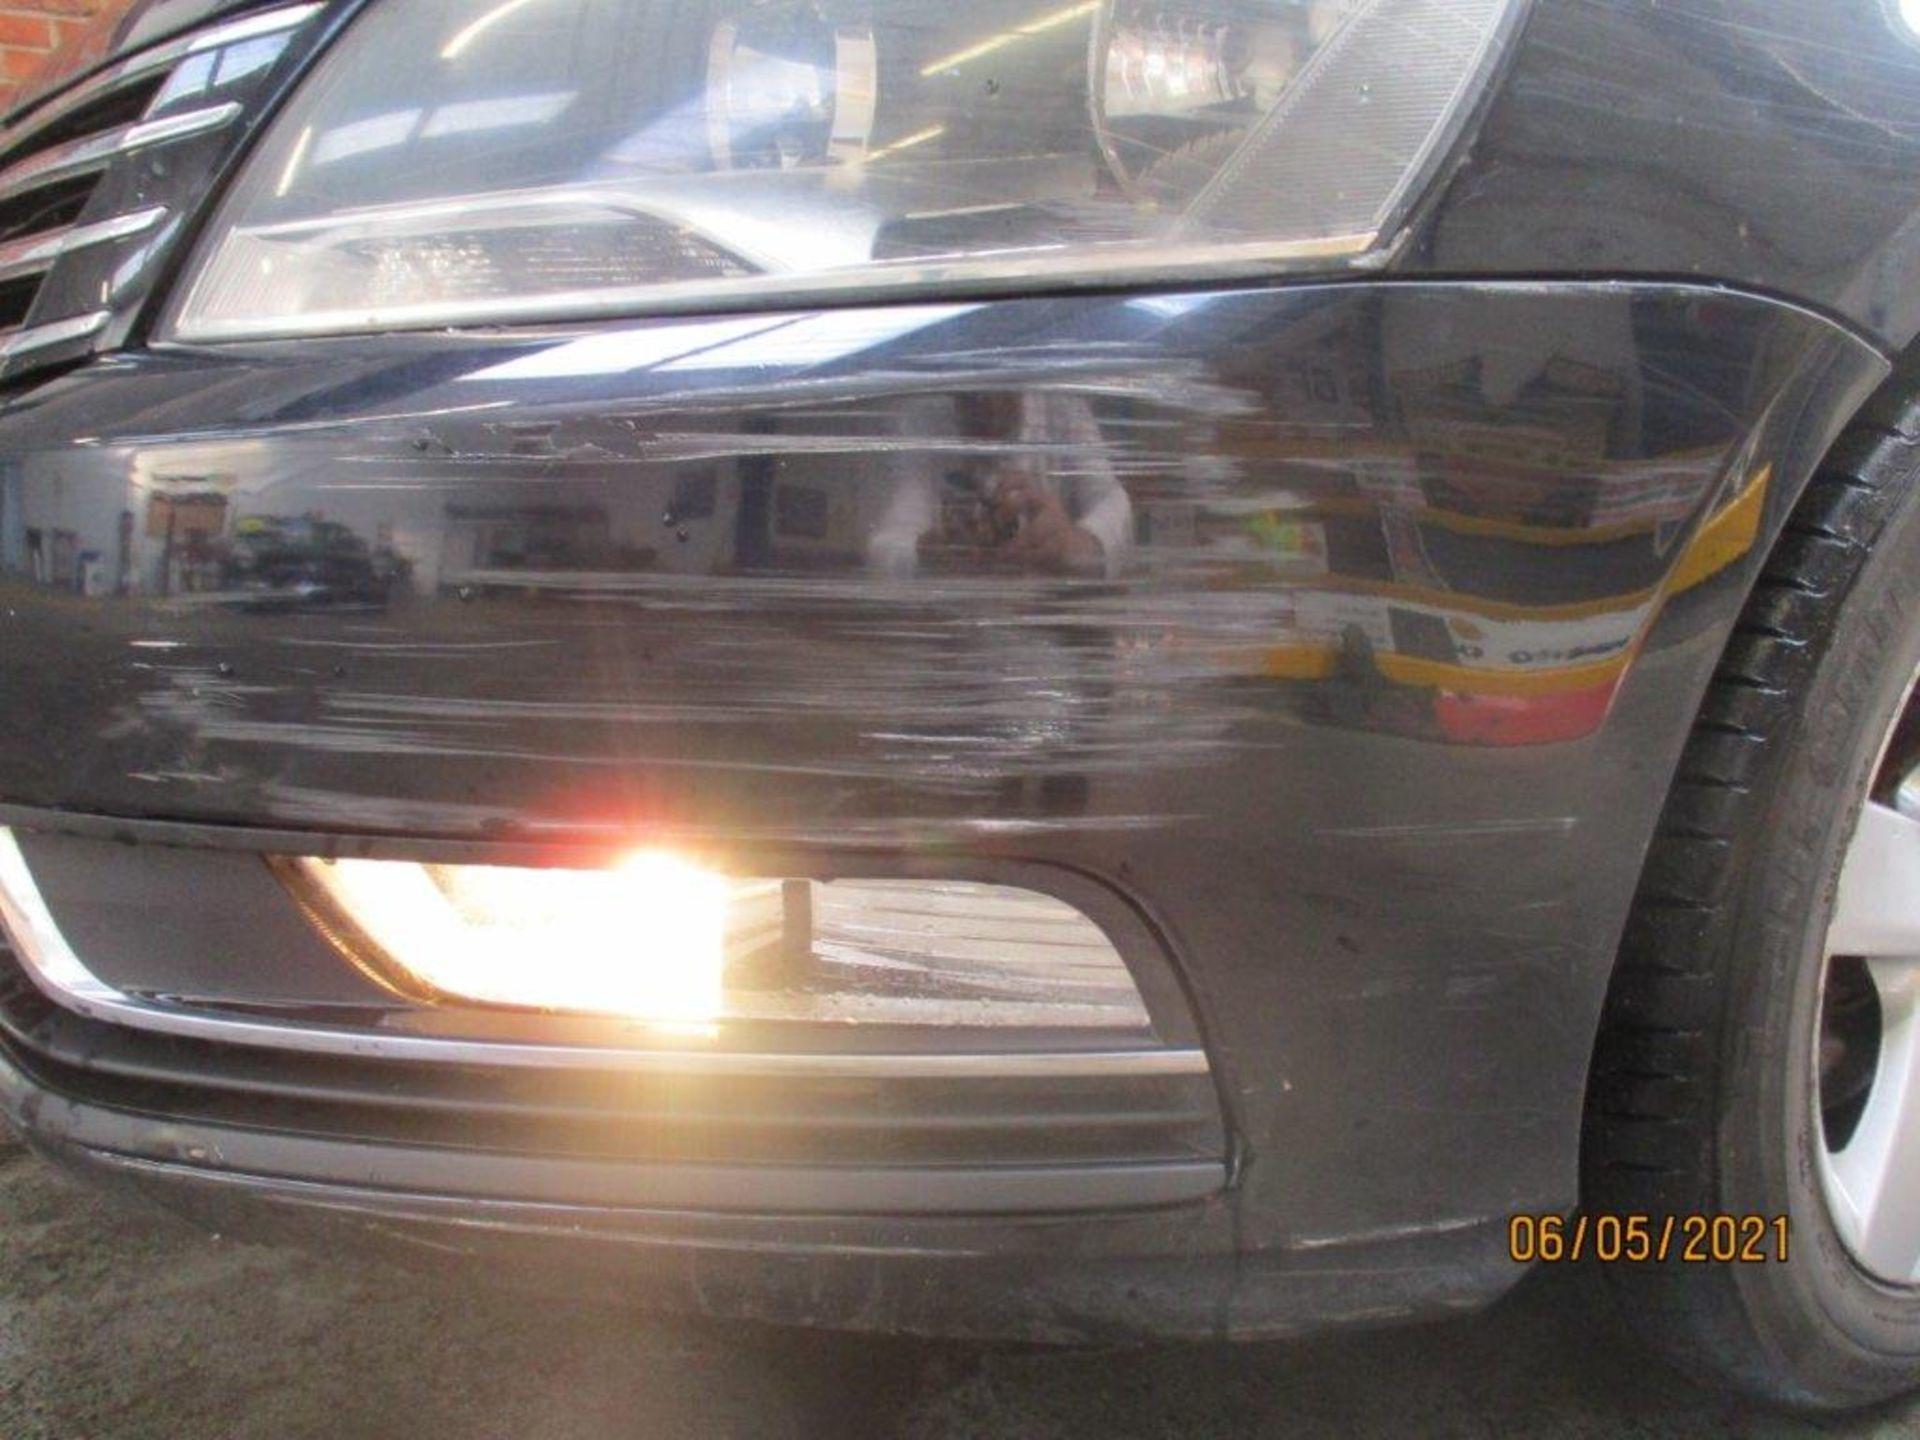 13 13 VW Passat S Bluemotion Tech - Image 29 of 29